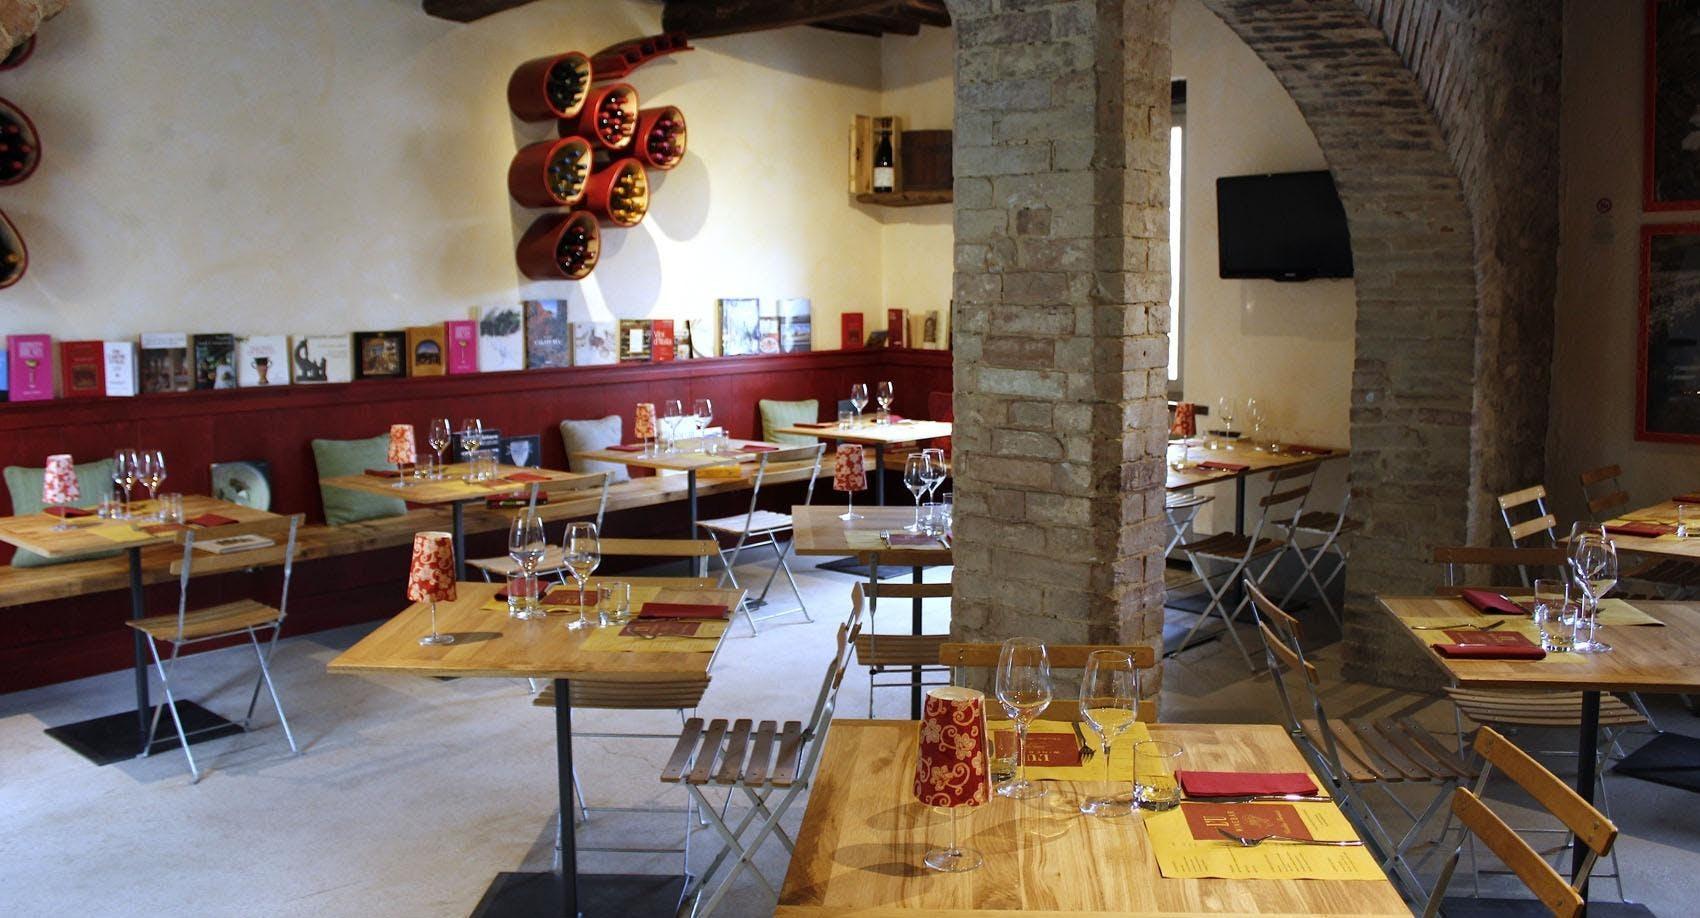 Alla Vecchia Fornace Perugia image 1